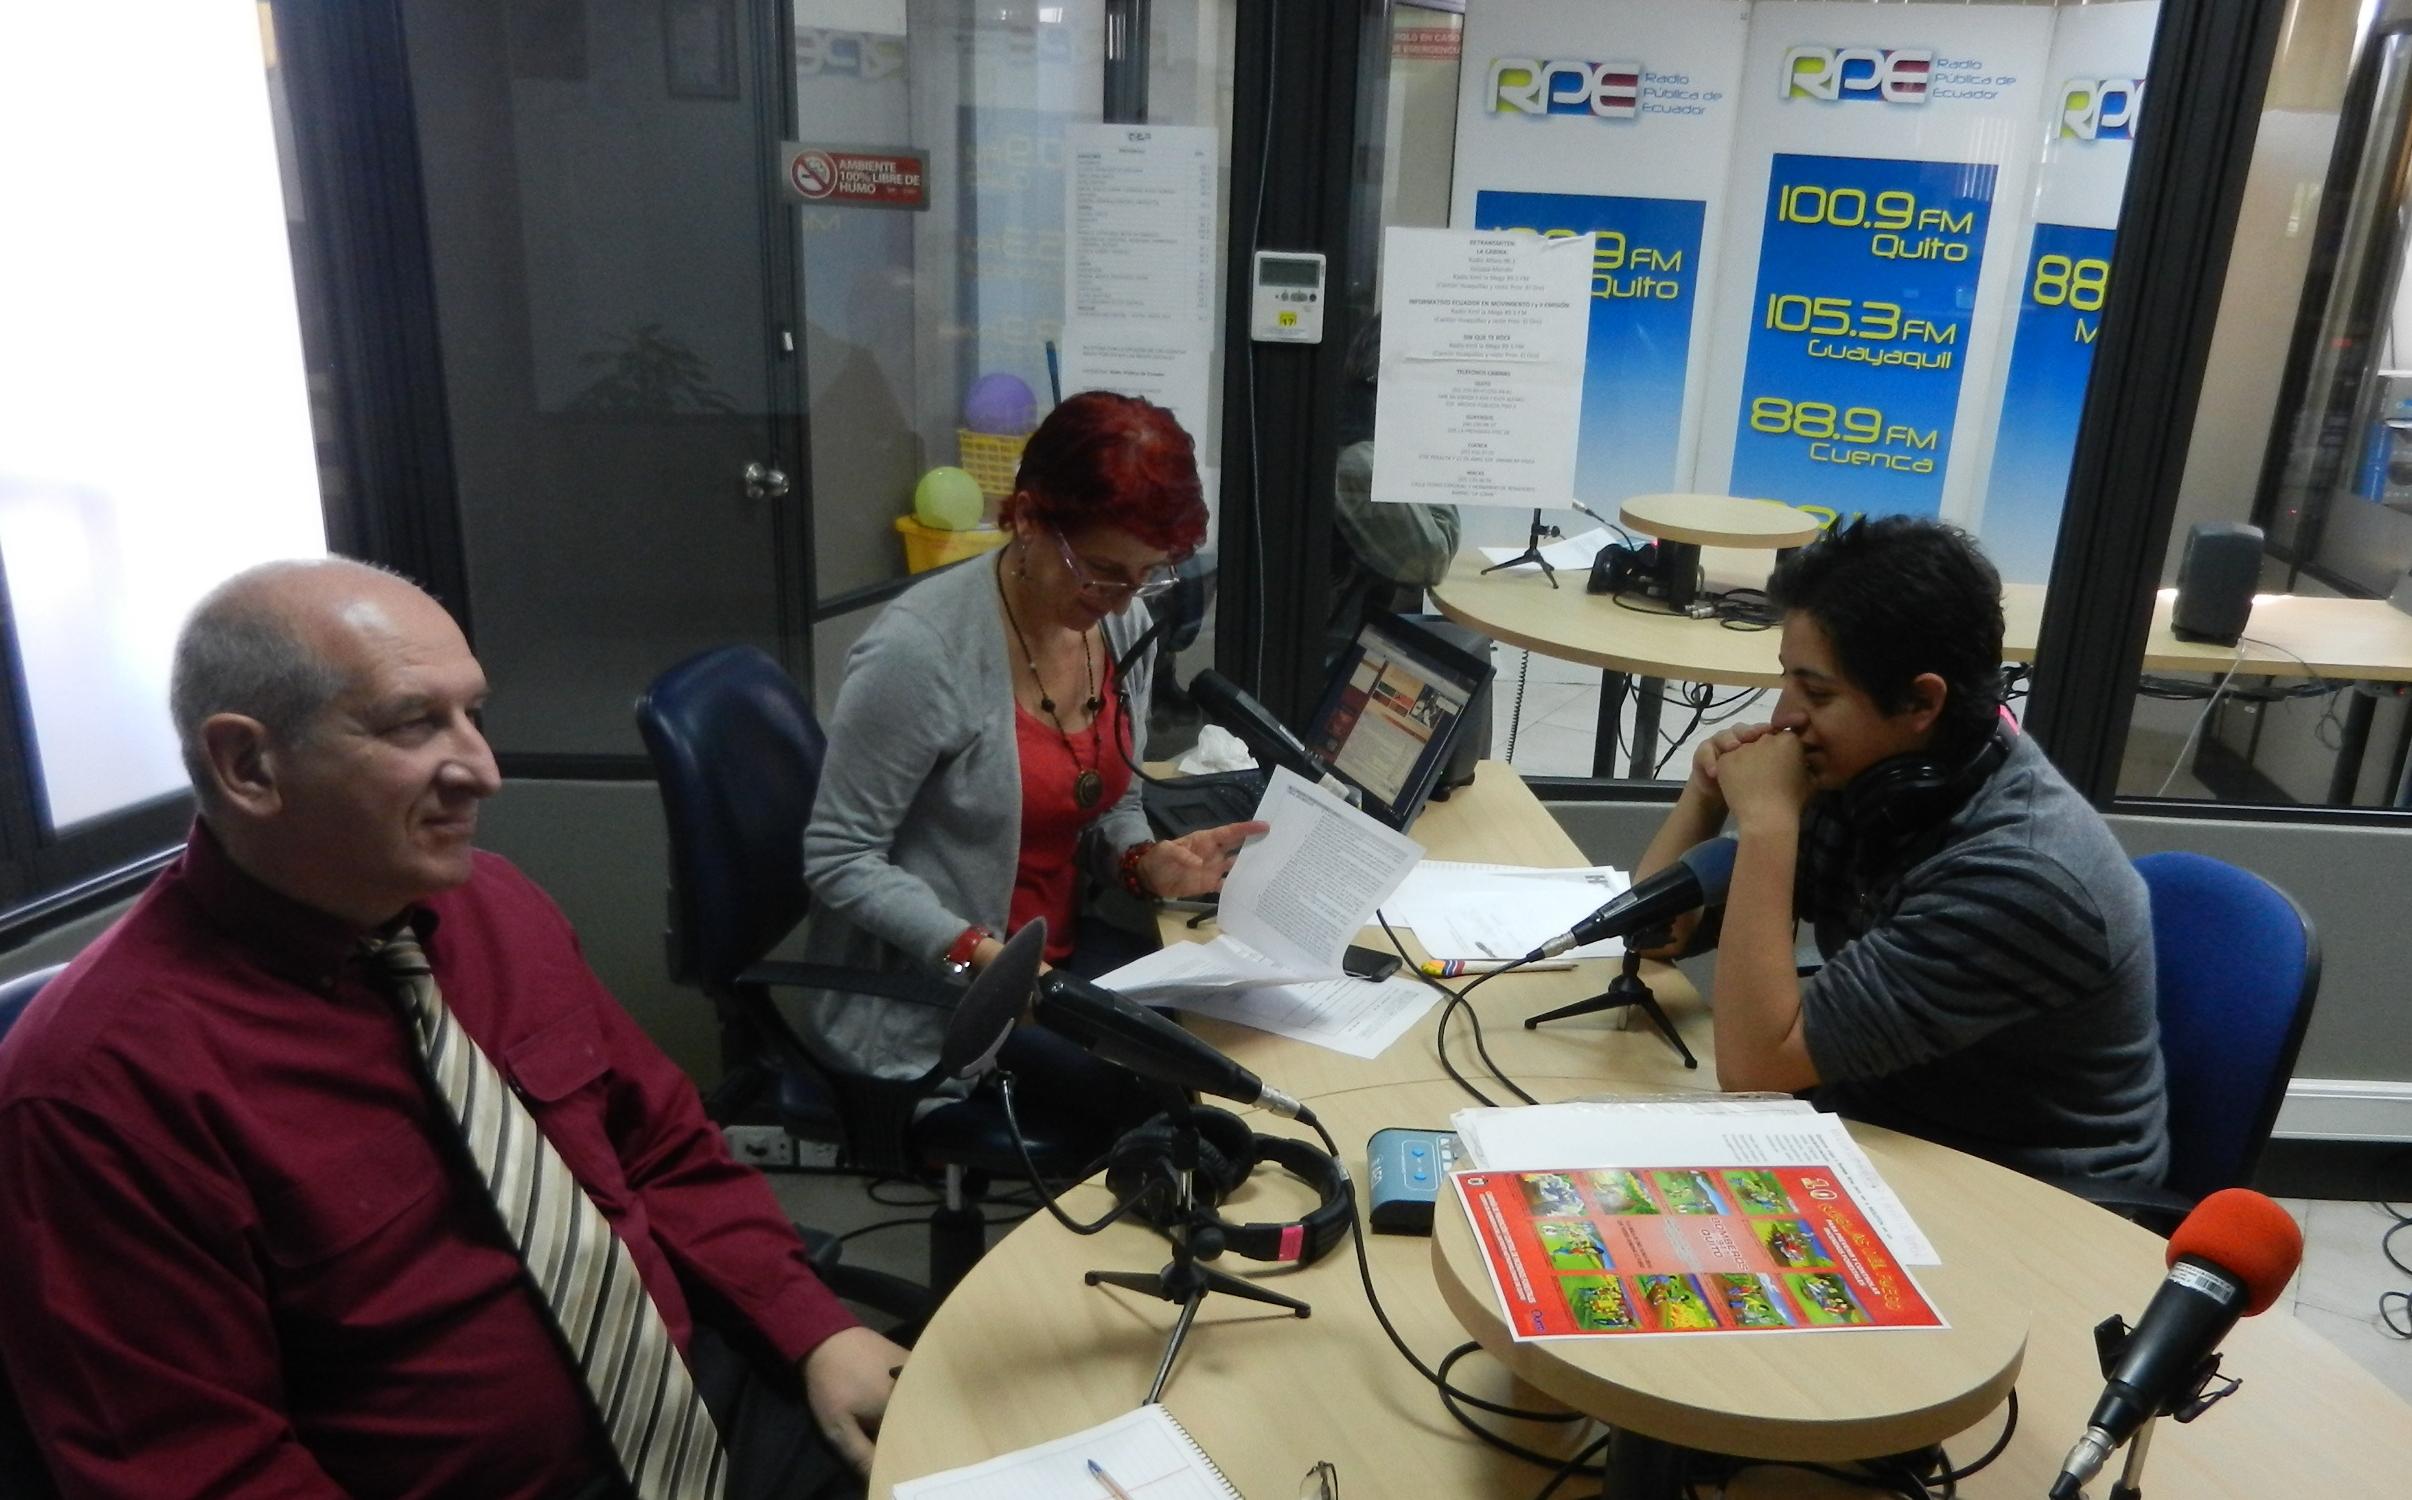 <!--:es-->Radio Pública del Ecuador entrevista a Michel Bauwens <!--:--><!--:en-->Michel Bauwens appears on Ecuador public radio<!--:-->